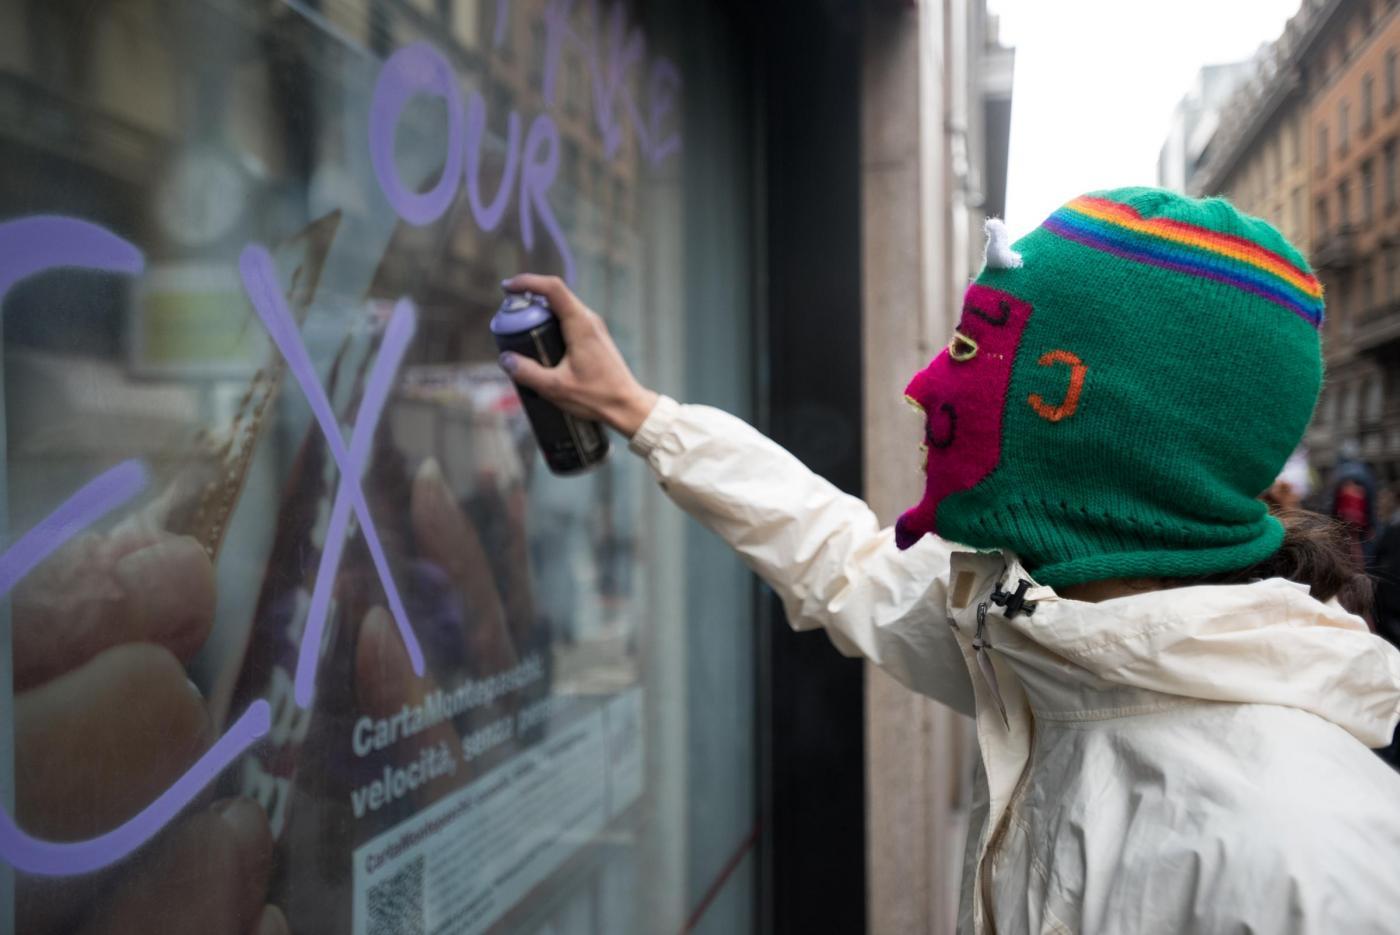 Corteo No Expo a Milano: imbrattati negozi e banche